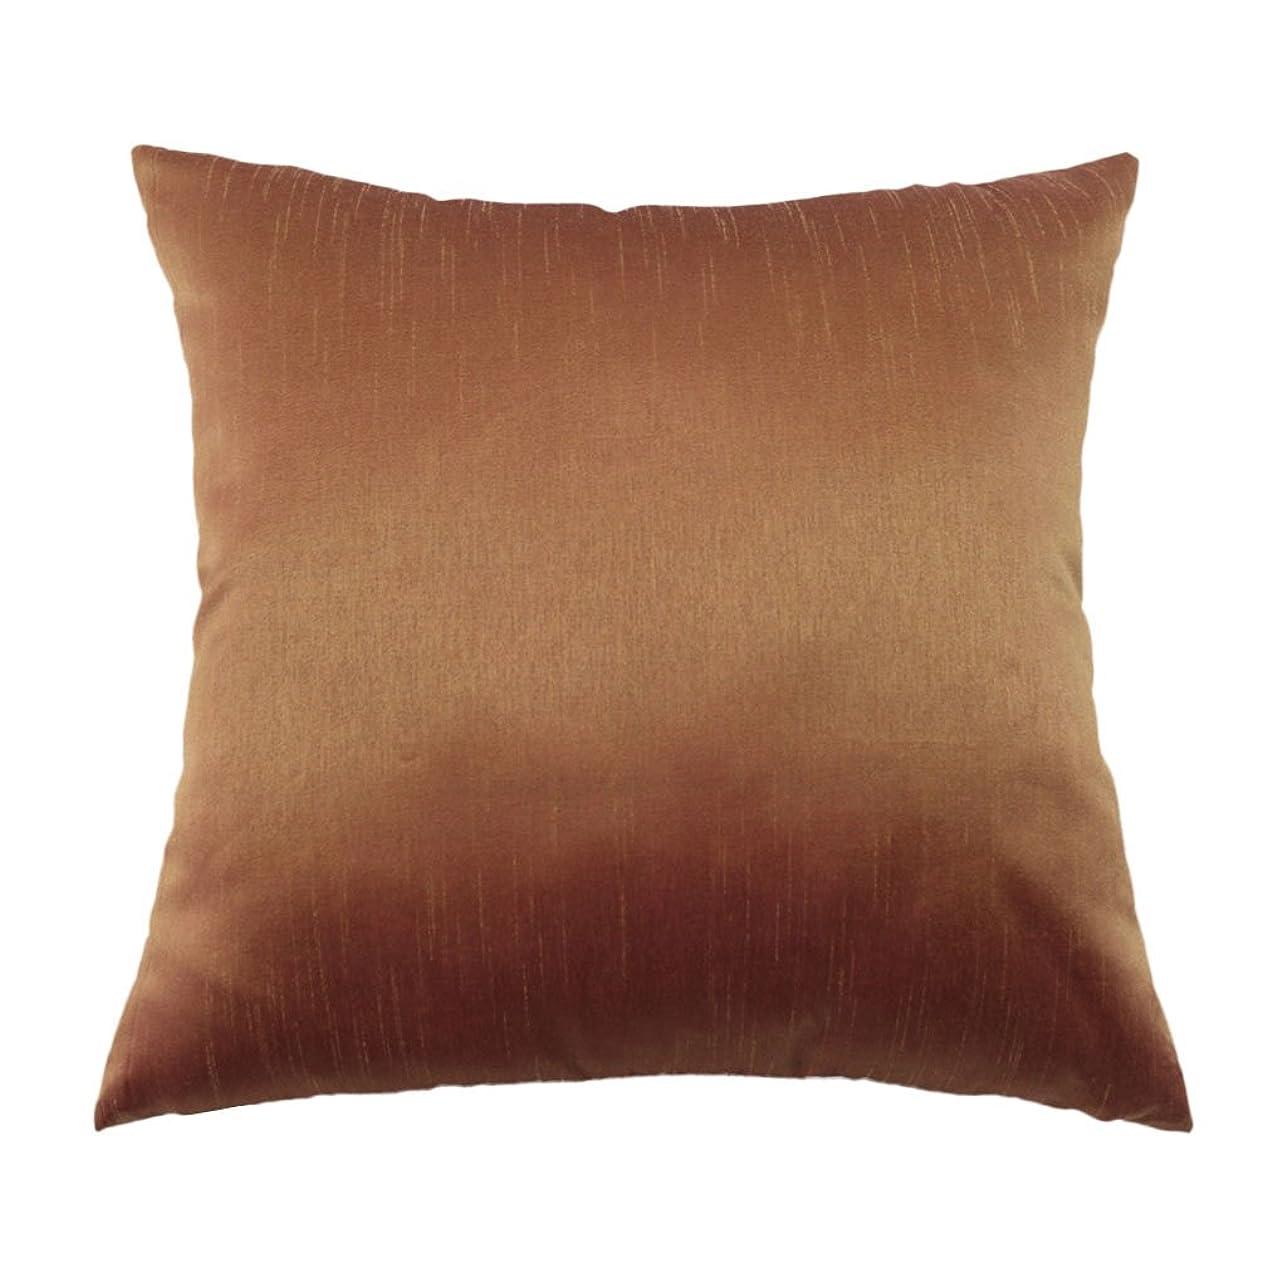 受け入れポゴスティックジャンプピッチャー枕カバー ピローケース 人工シルク製 柔らかさ 約45x45cm 全12色 - 2